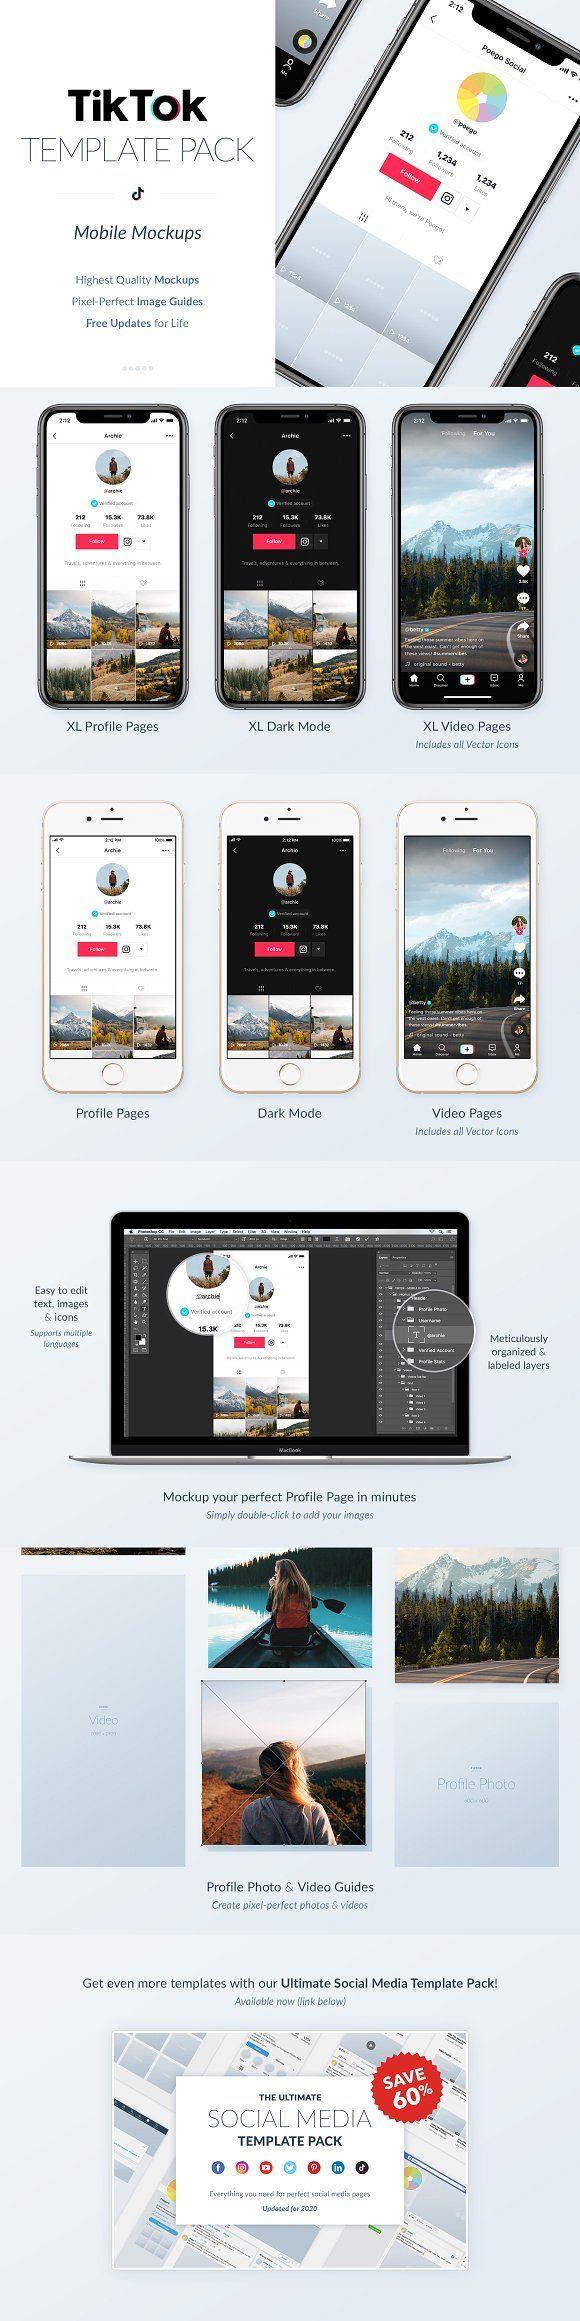 Tiktok Mobile Mockups Pack Mobile Mockup Instagram Template Design Social Media Mockup